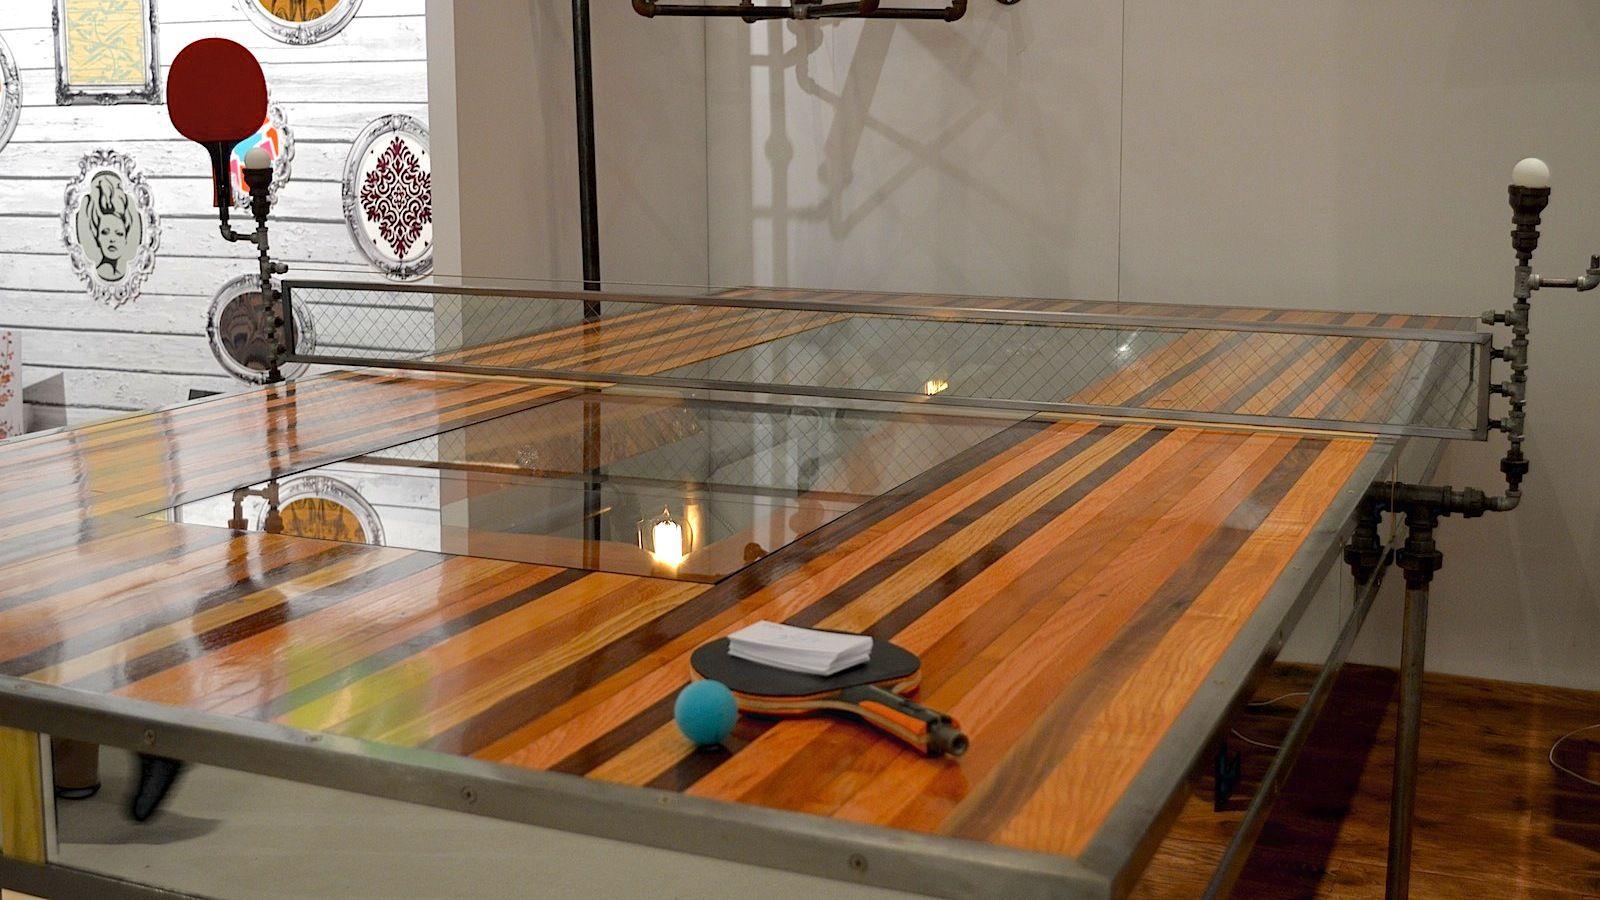 Как сделать стол для тенниса фото 797